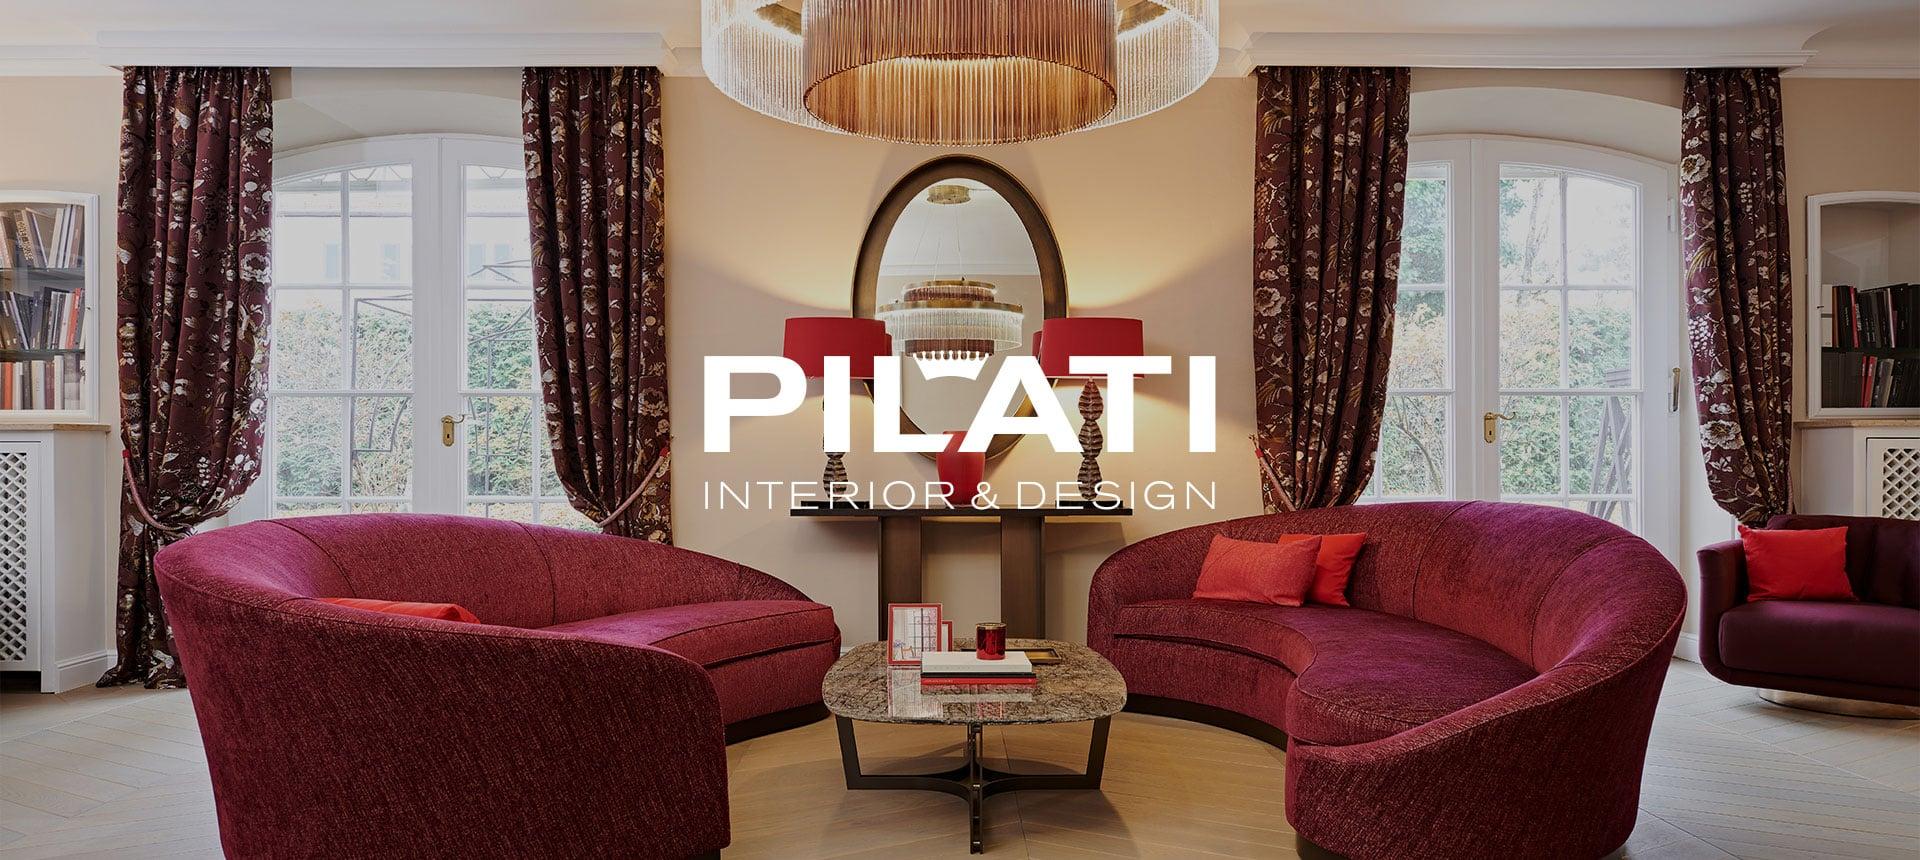 Pilati